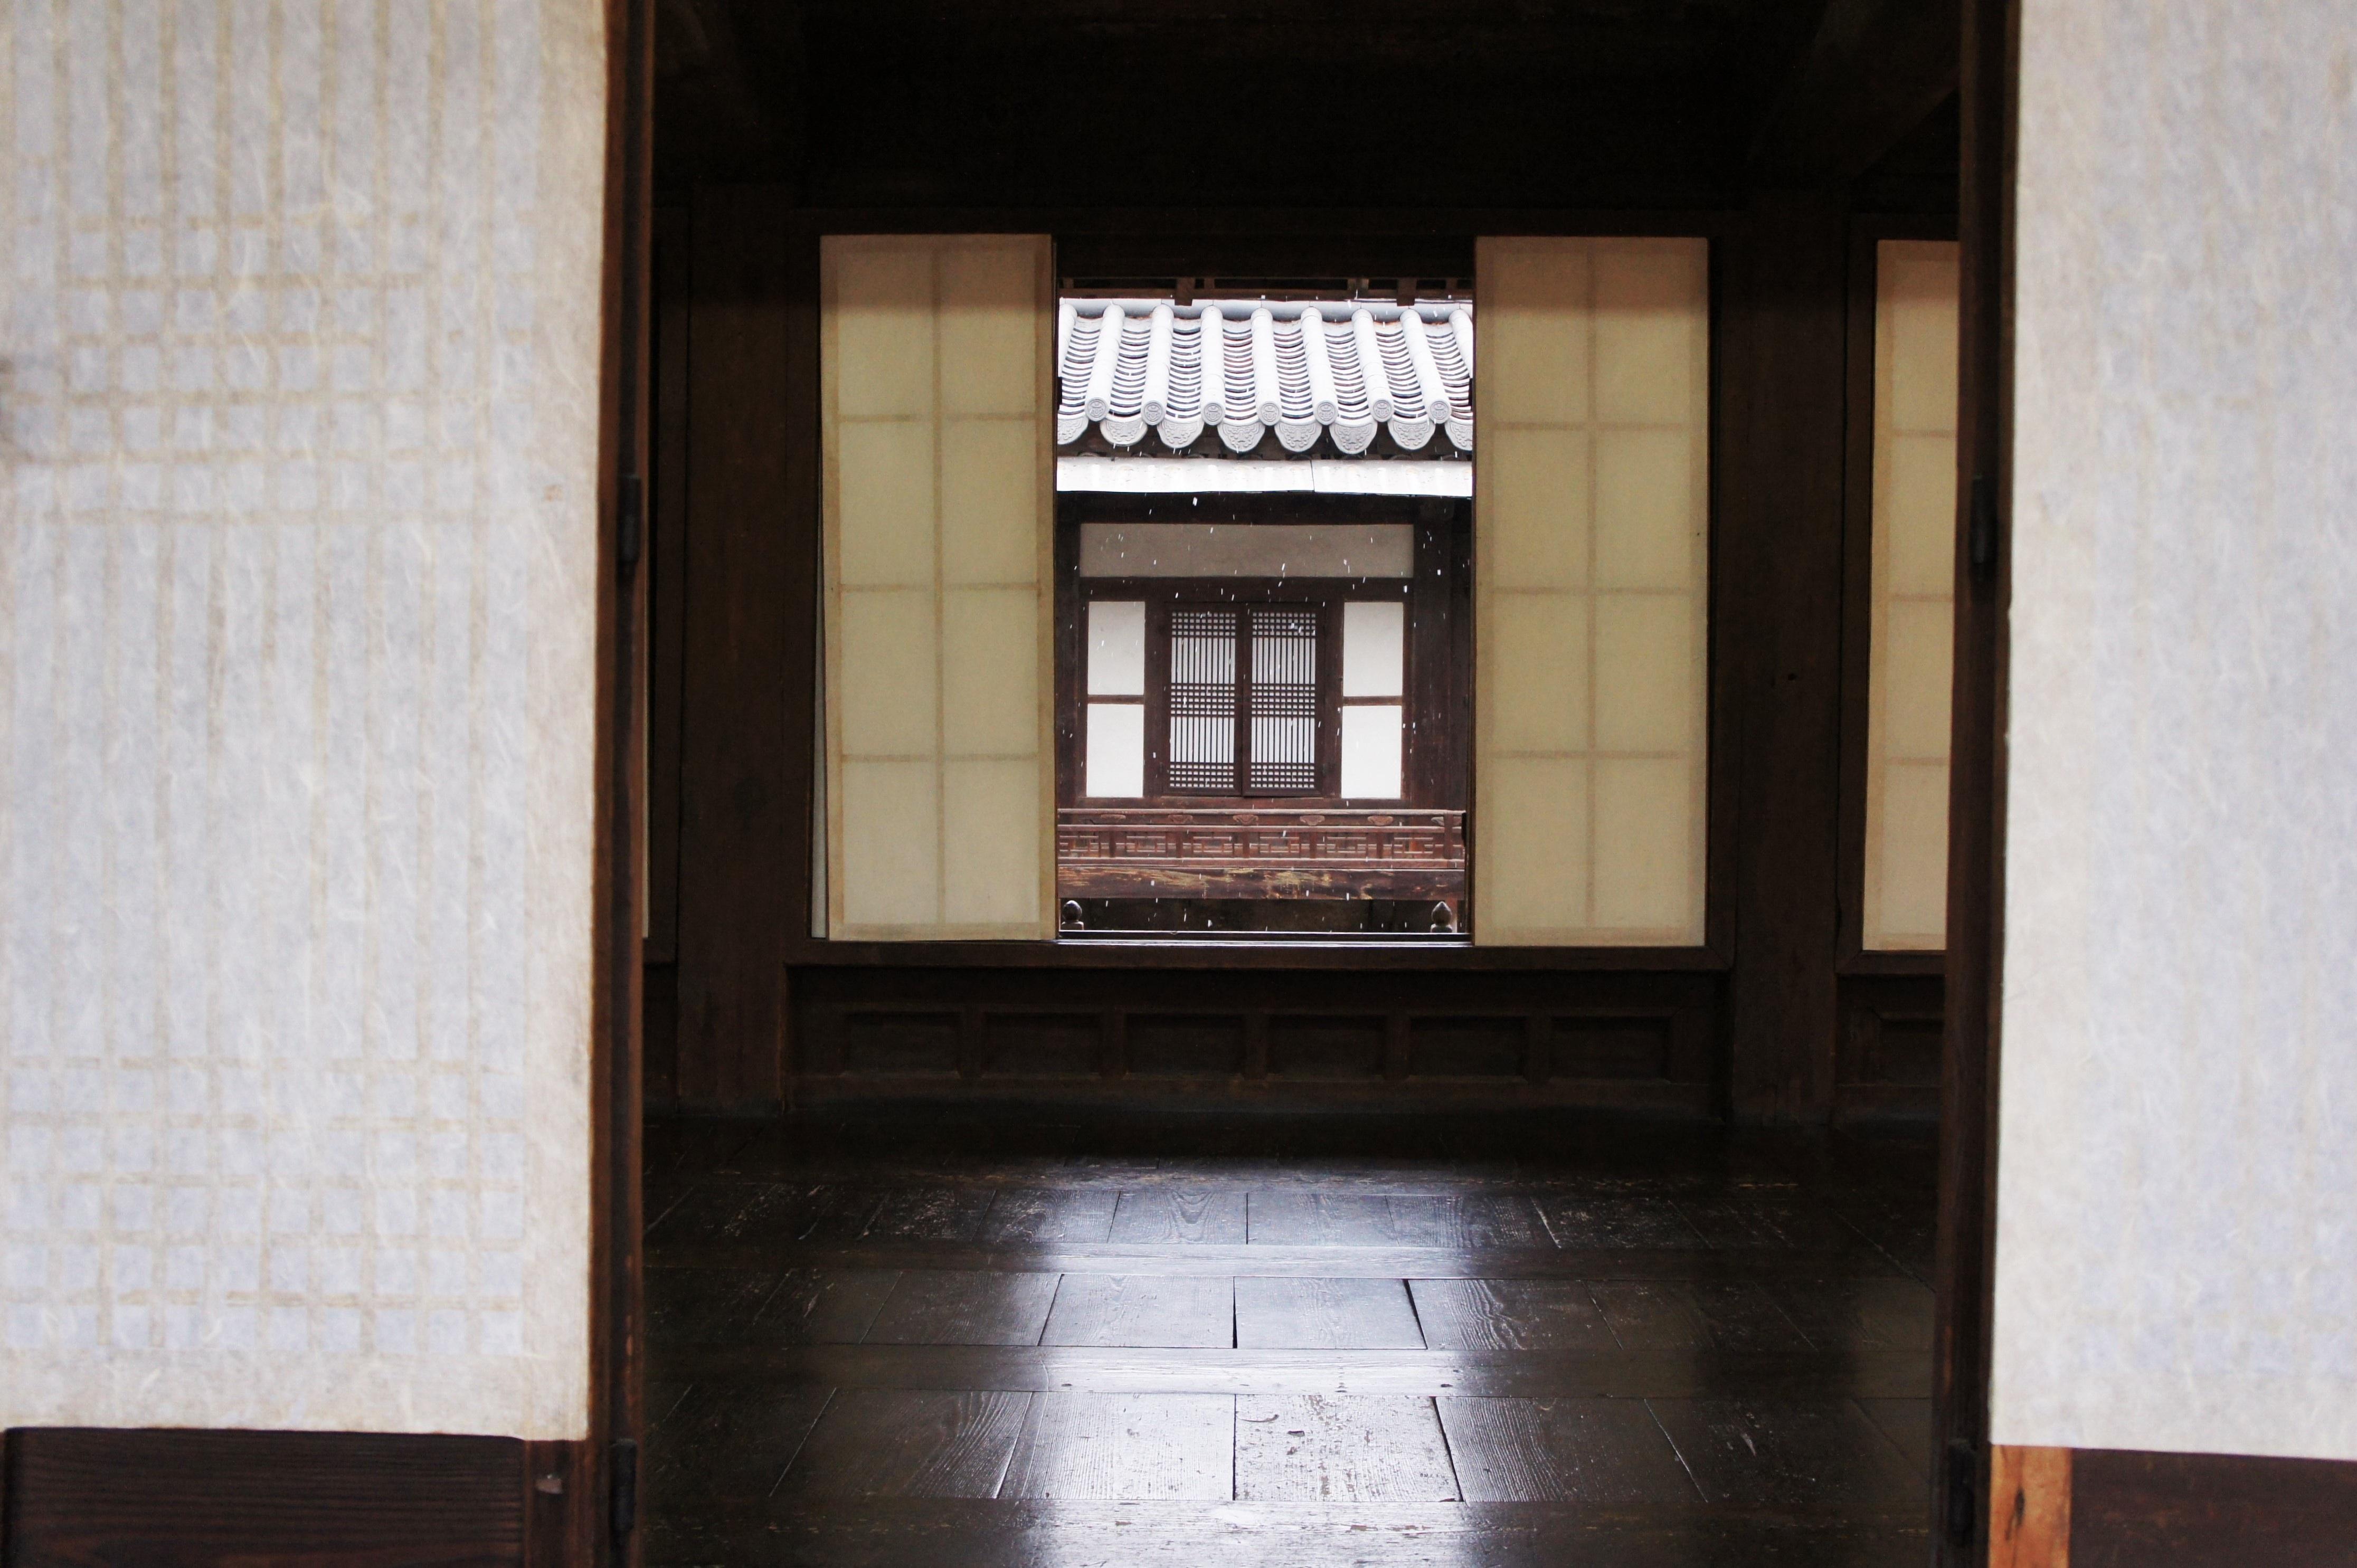 Immagini belle architettura legna casa finestra sala colore